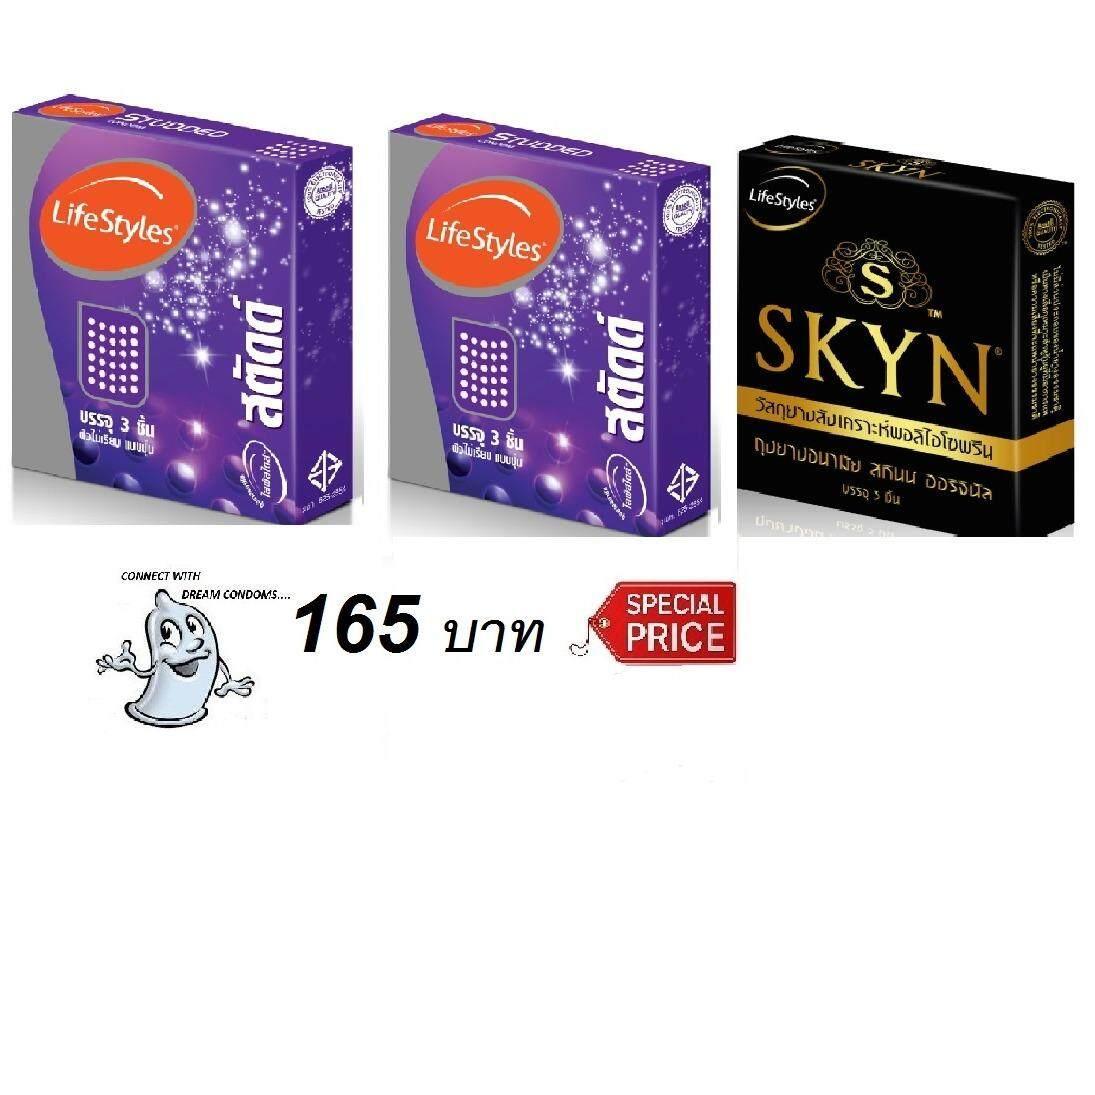 โปรโมชั่น ถุงยางอนามัย Lifestyles Studded And Skyn Condoms 52 Mm Lifestyles ใหม่ล่าสุด